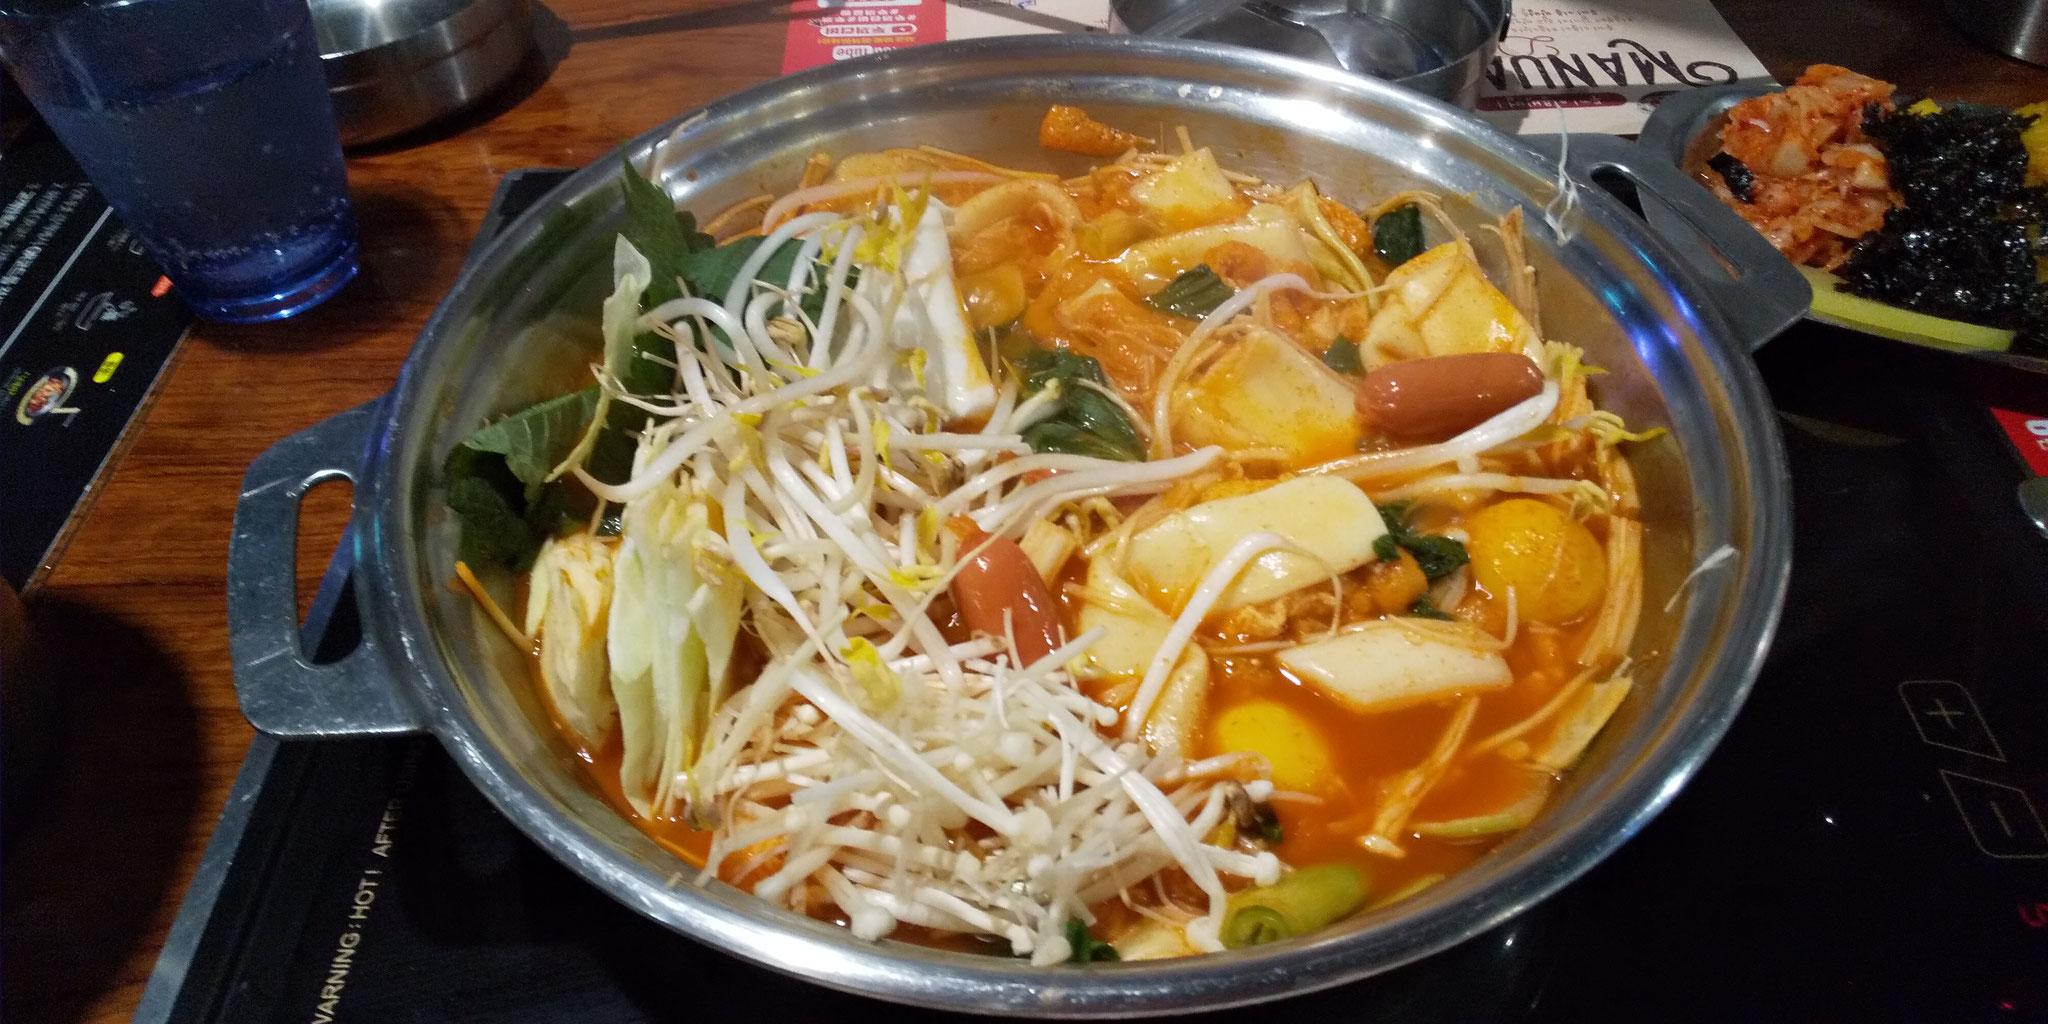 スープを好みの辛さにして、野菜もたっぷり、ヘルシー!